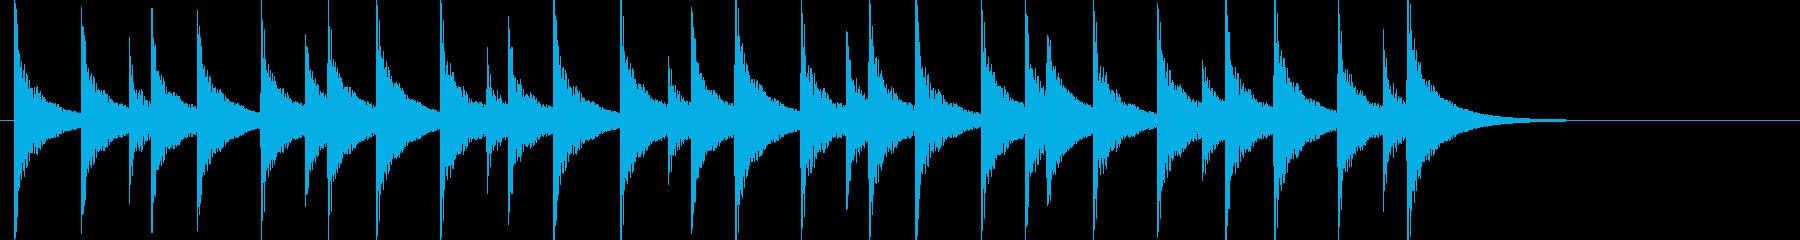 大太鼓38ドーンドストドン陣太鼓戦い侍刀の再生済みの波形